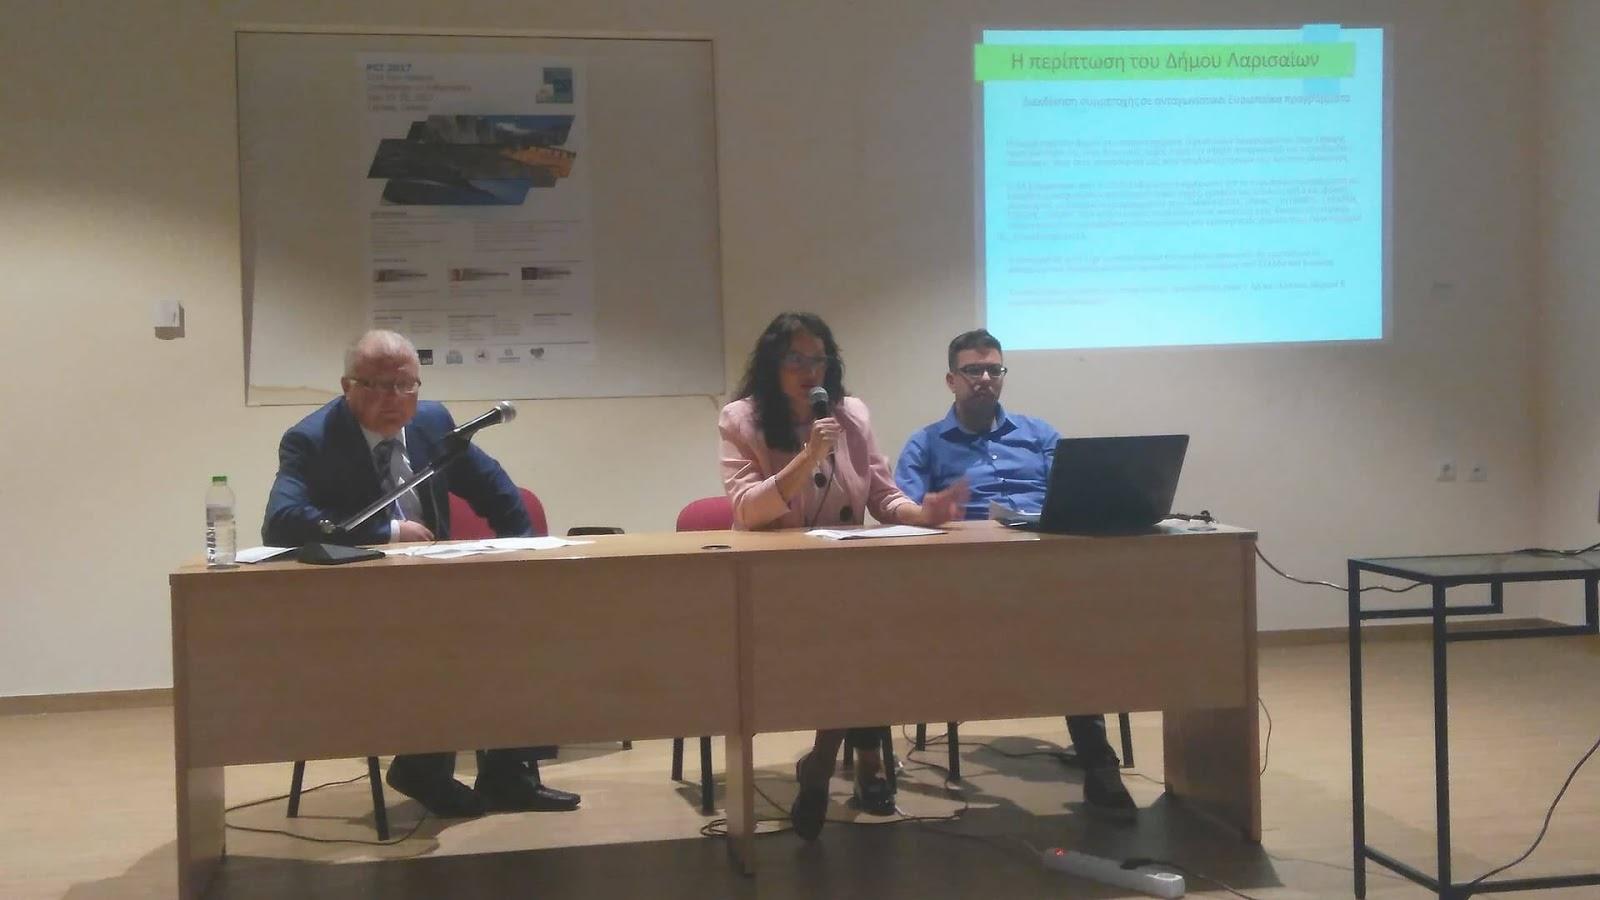 Ο Δήμος Λαρισαίων στο 21ο Πανελλήνιο Συνέδριο Πληροφορικής (ΦΩΤΟ)